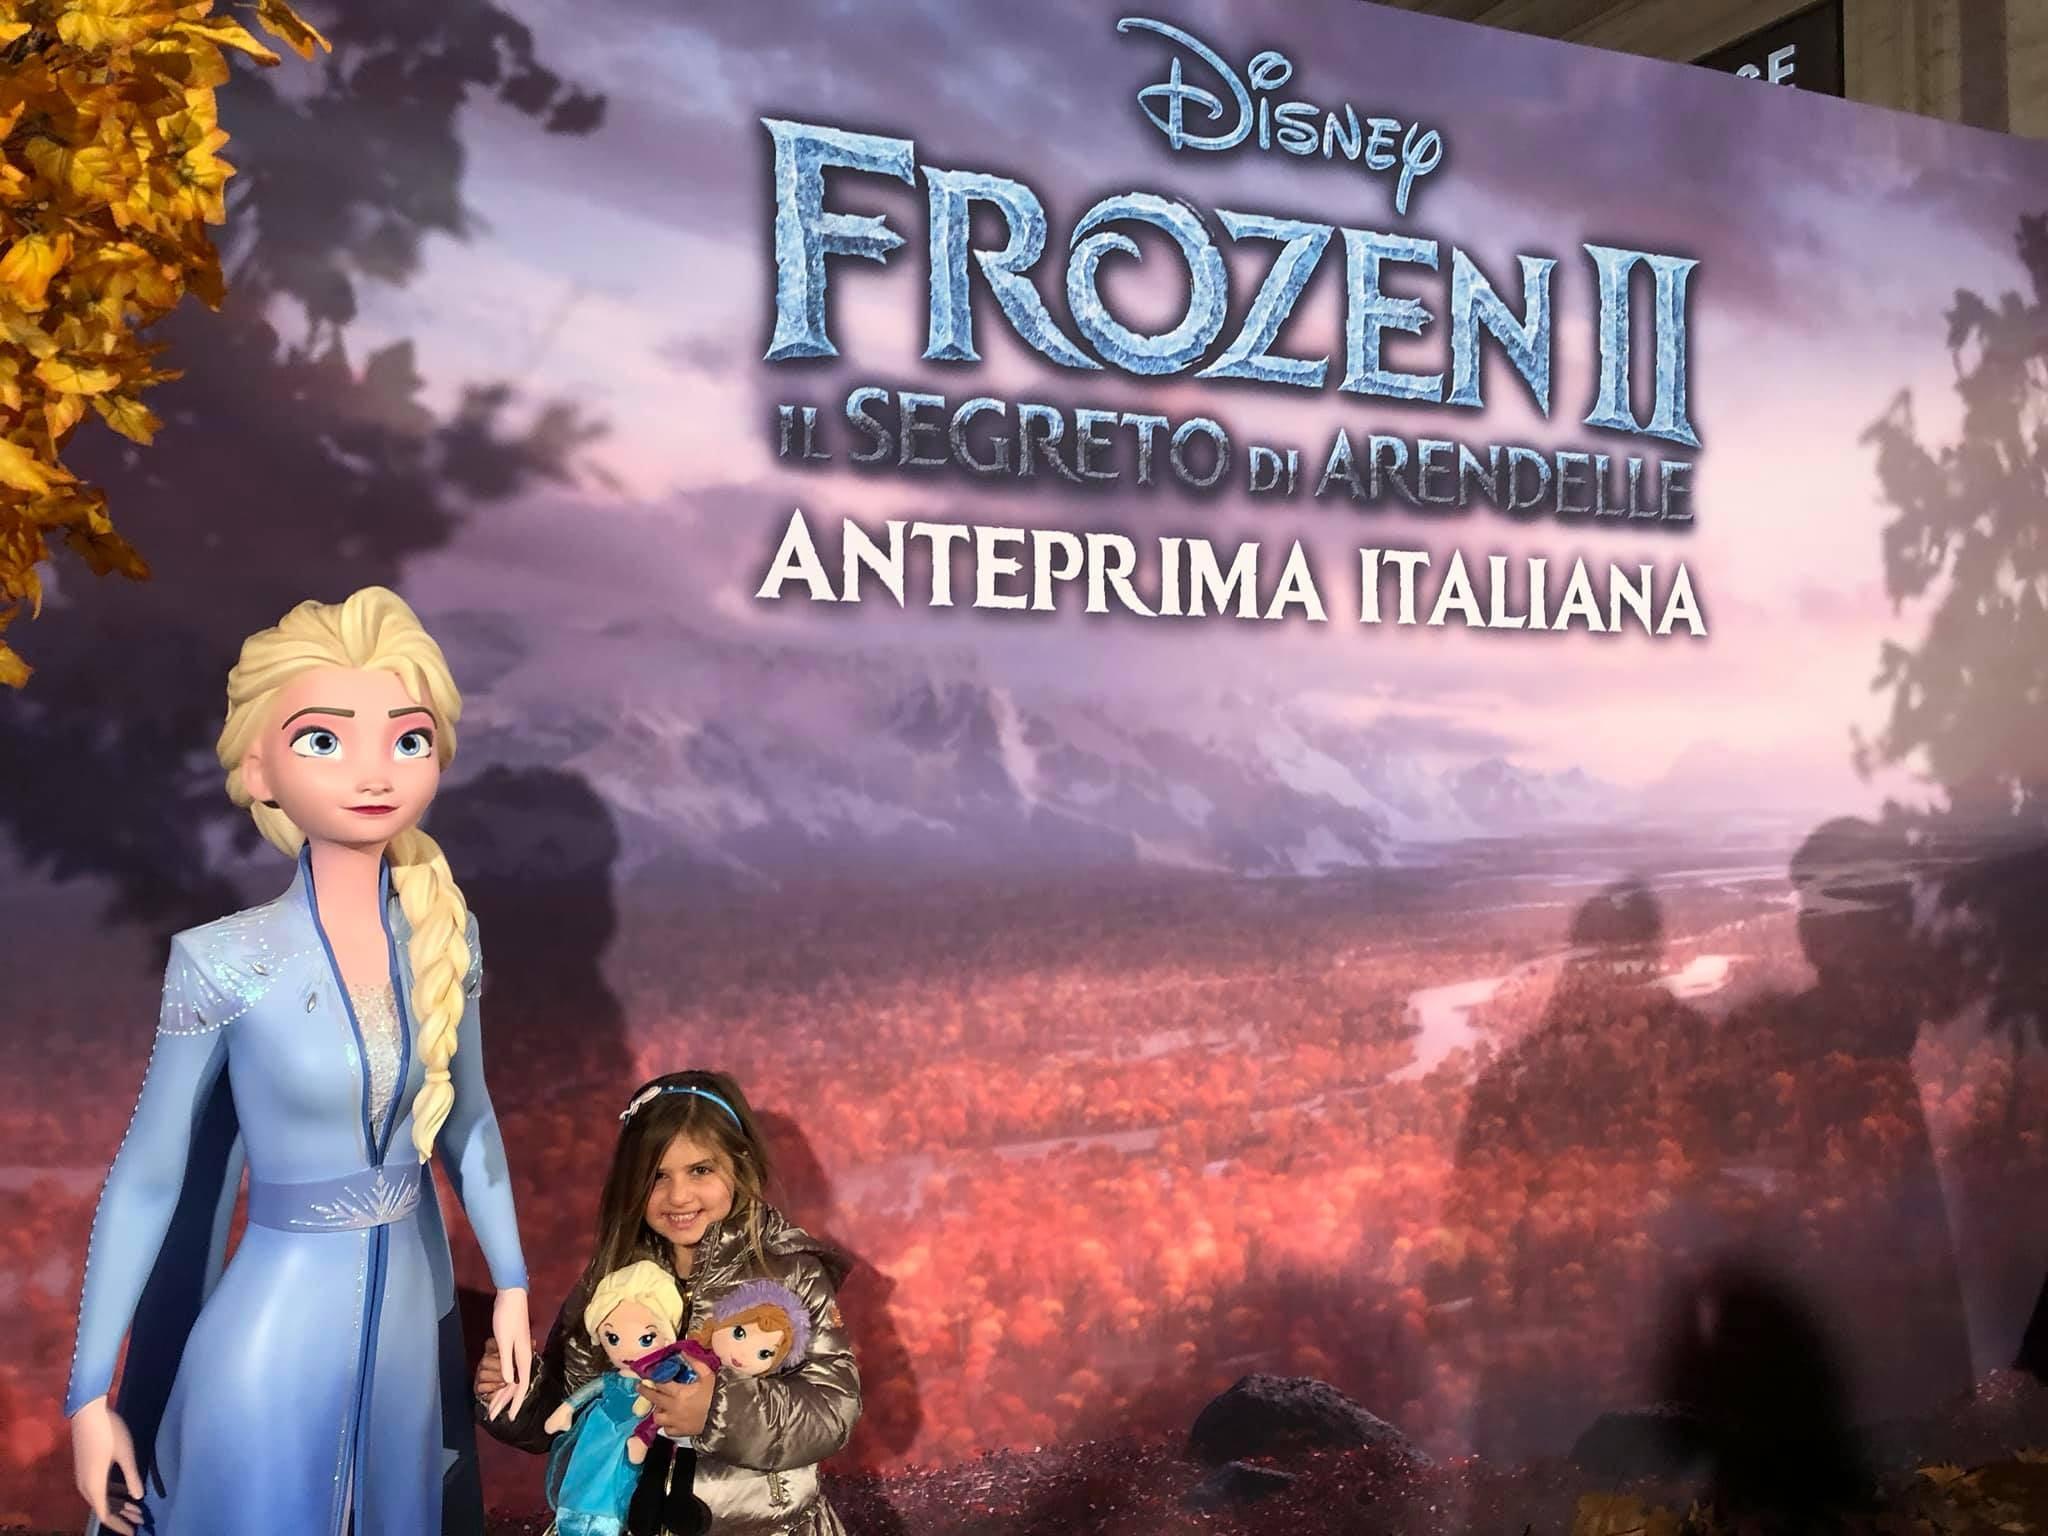 Frozen 2, Il segreto di Arendelle, anteprima italiana, red carpet frozen2, trevaligie